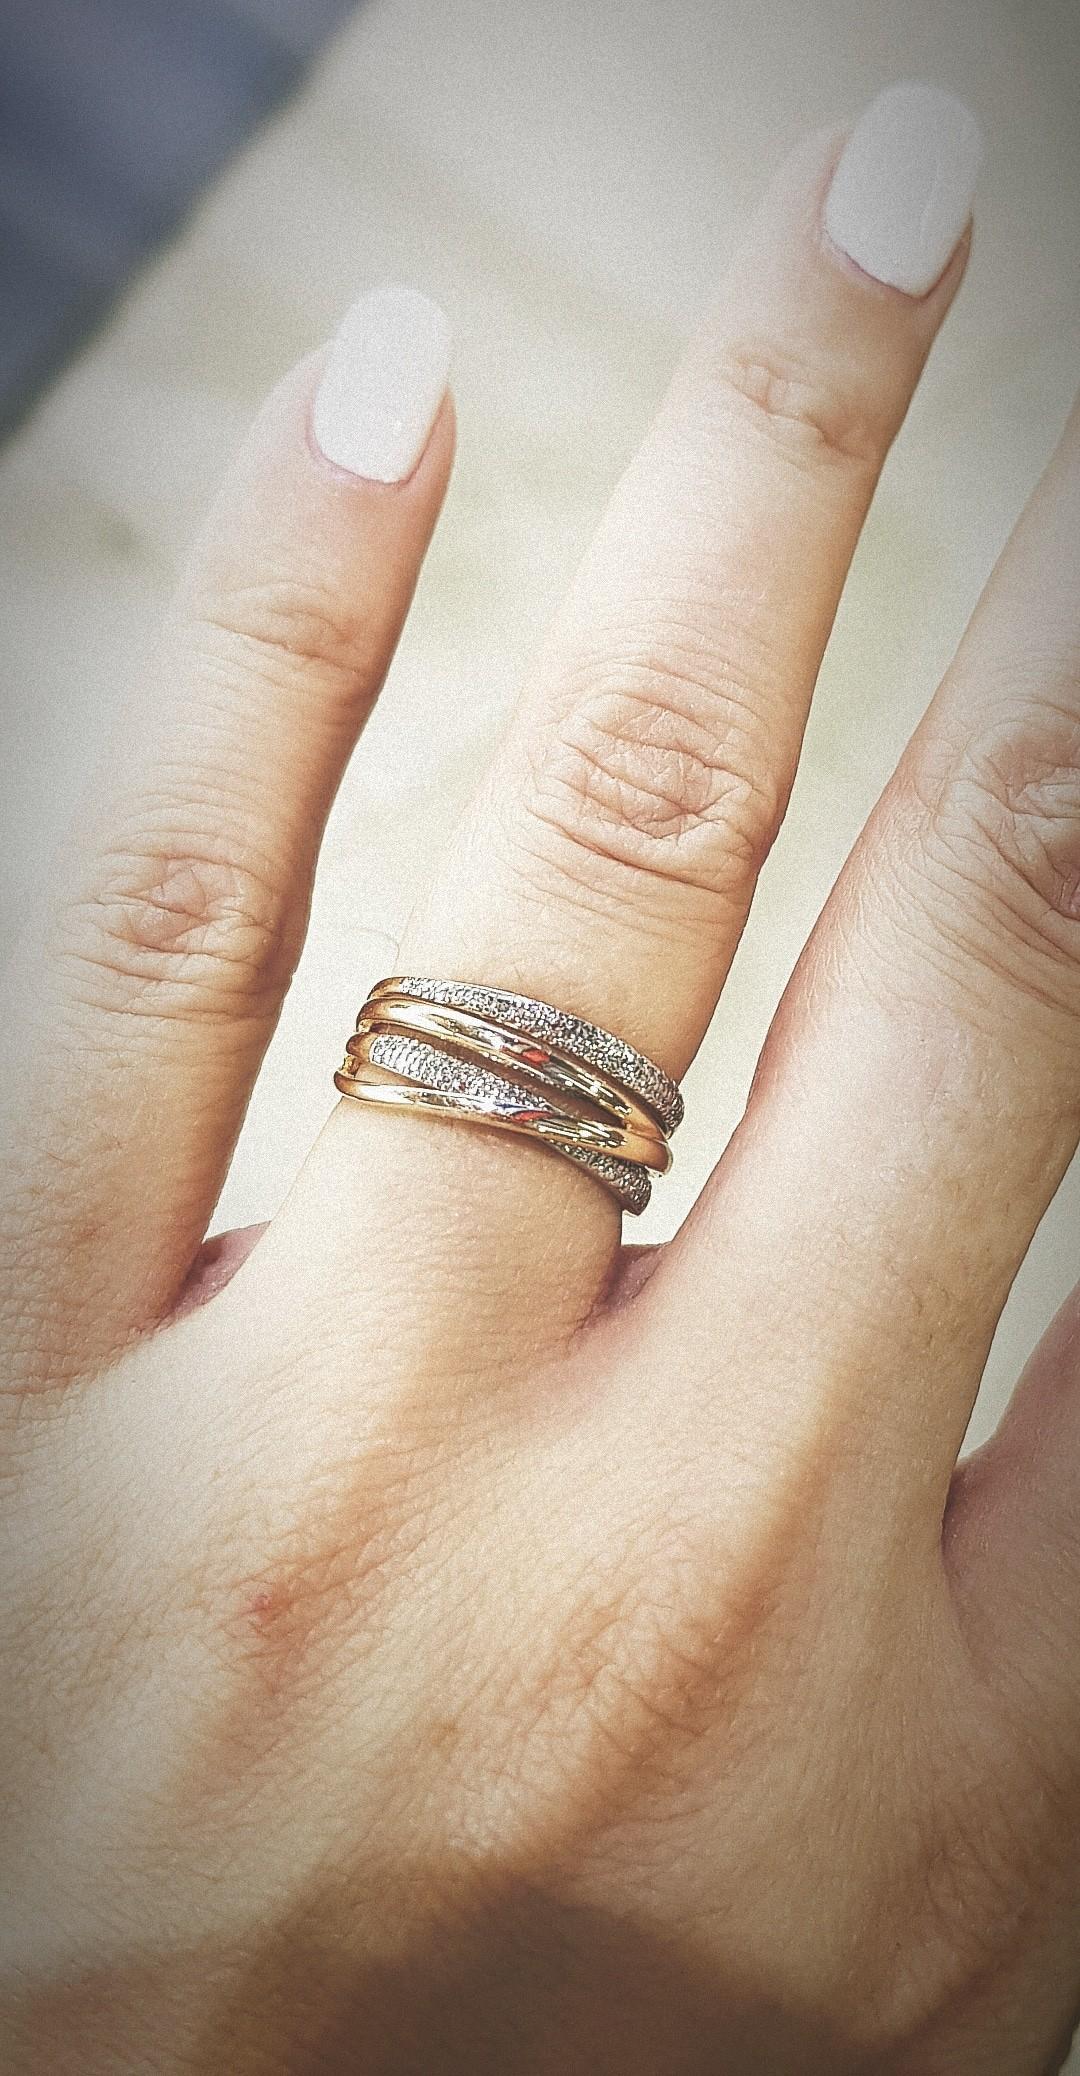 Замечательное кольцо! Мечтала о нем и муж исполнил мою мечту😍